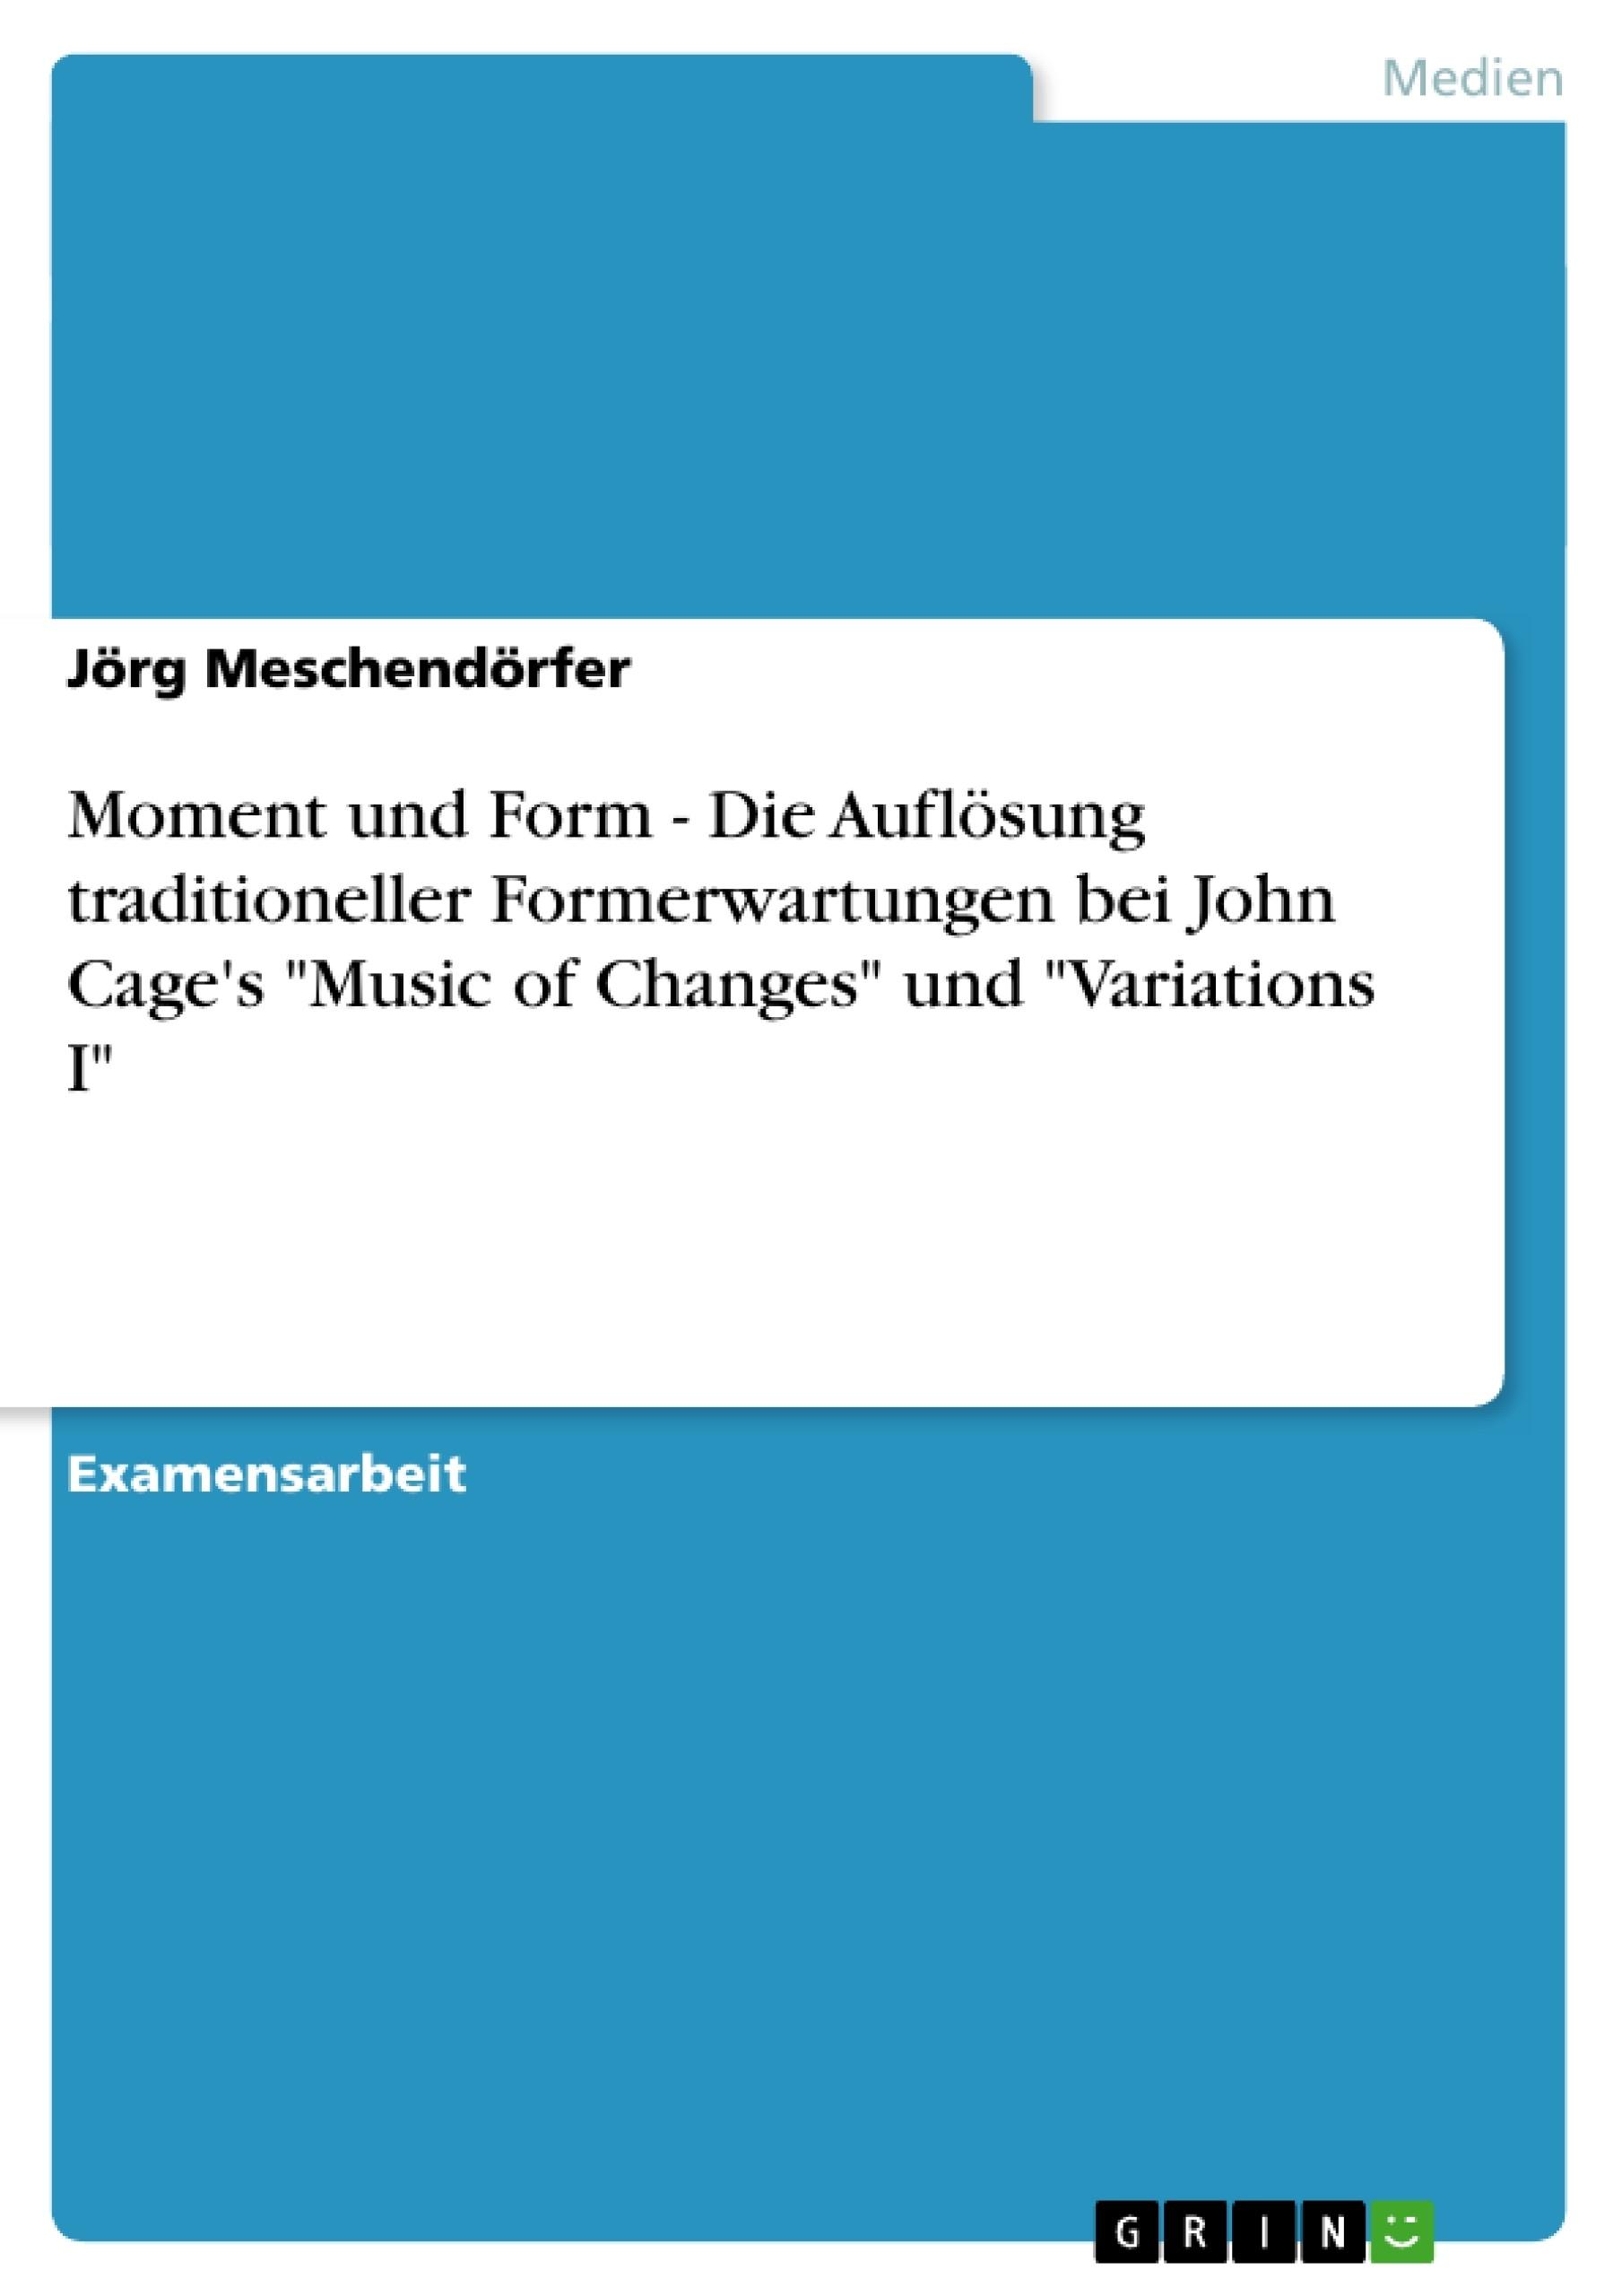 """Titre: Moment und Form - Die Auflösung traditioneller Formerwartungen bei John Cage's """"Music of Changes"""" und """"Variations I"""""""